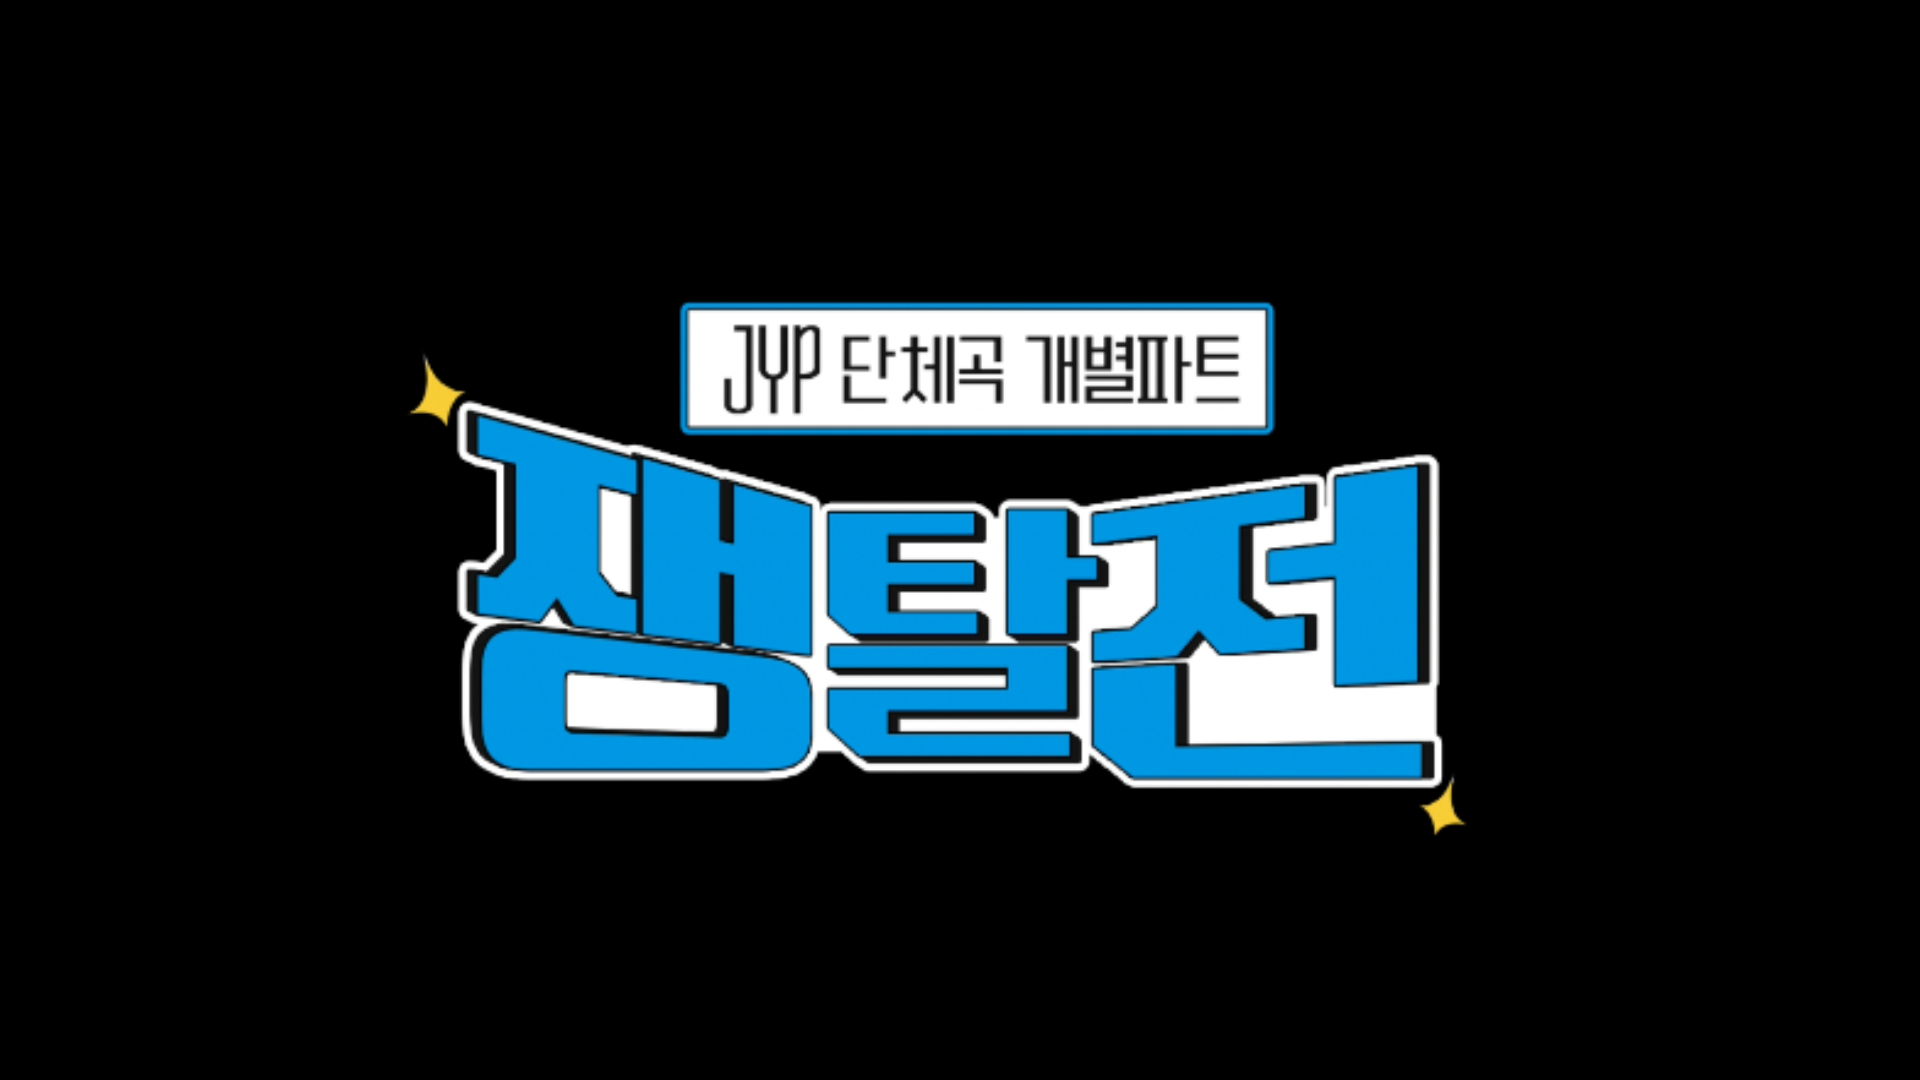 세기의 대결 JYPnation 가위바위보 미션! - JYP 단체곡 개별파트 쟁탈전